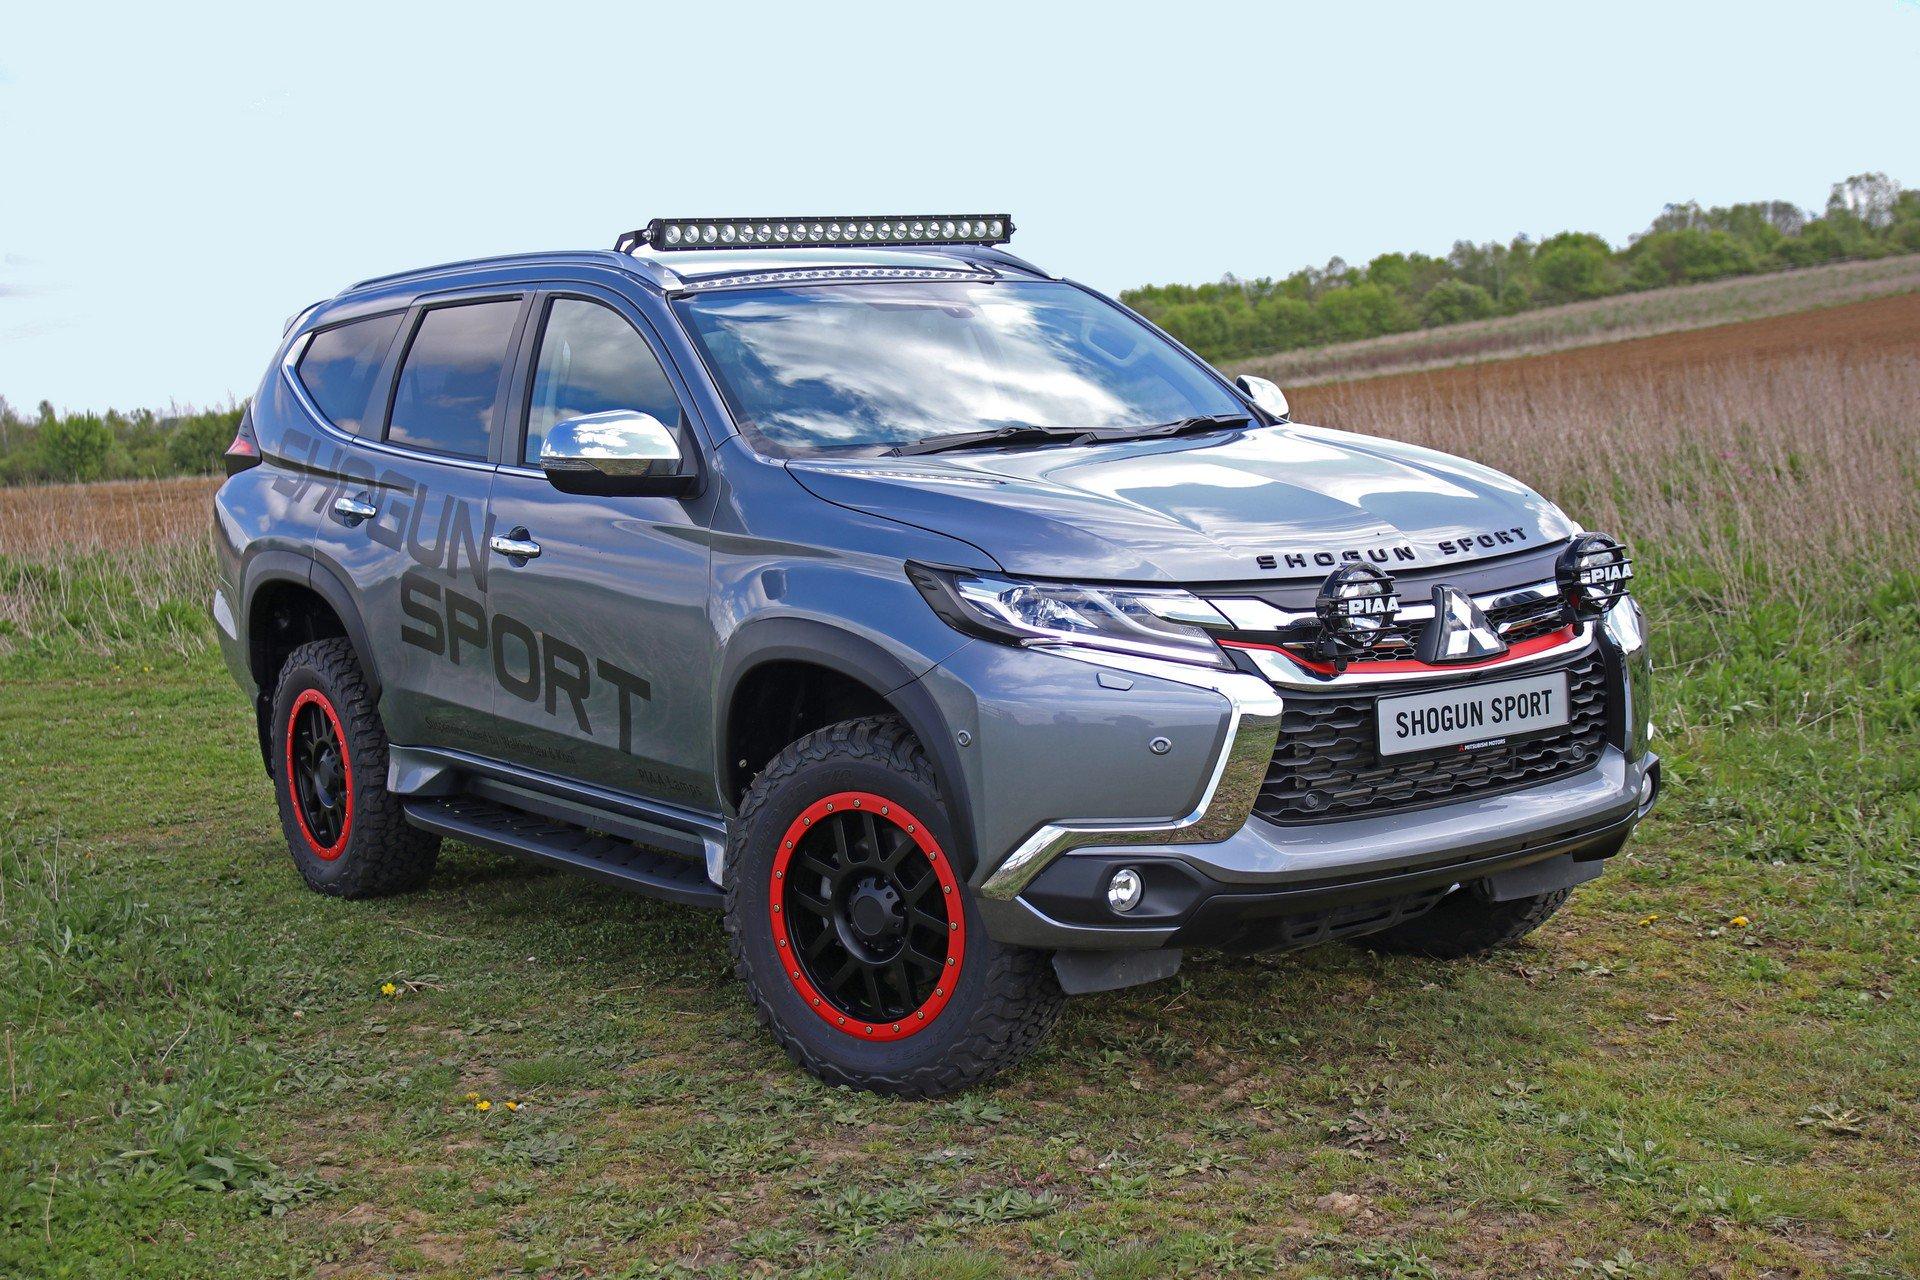 Mitsubishi-Shogun-Sport-SVP-Concept-1